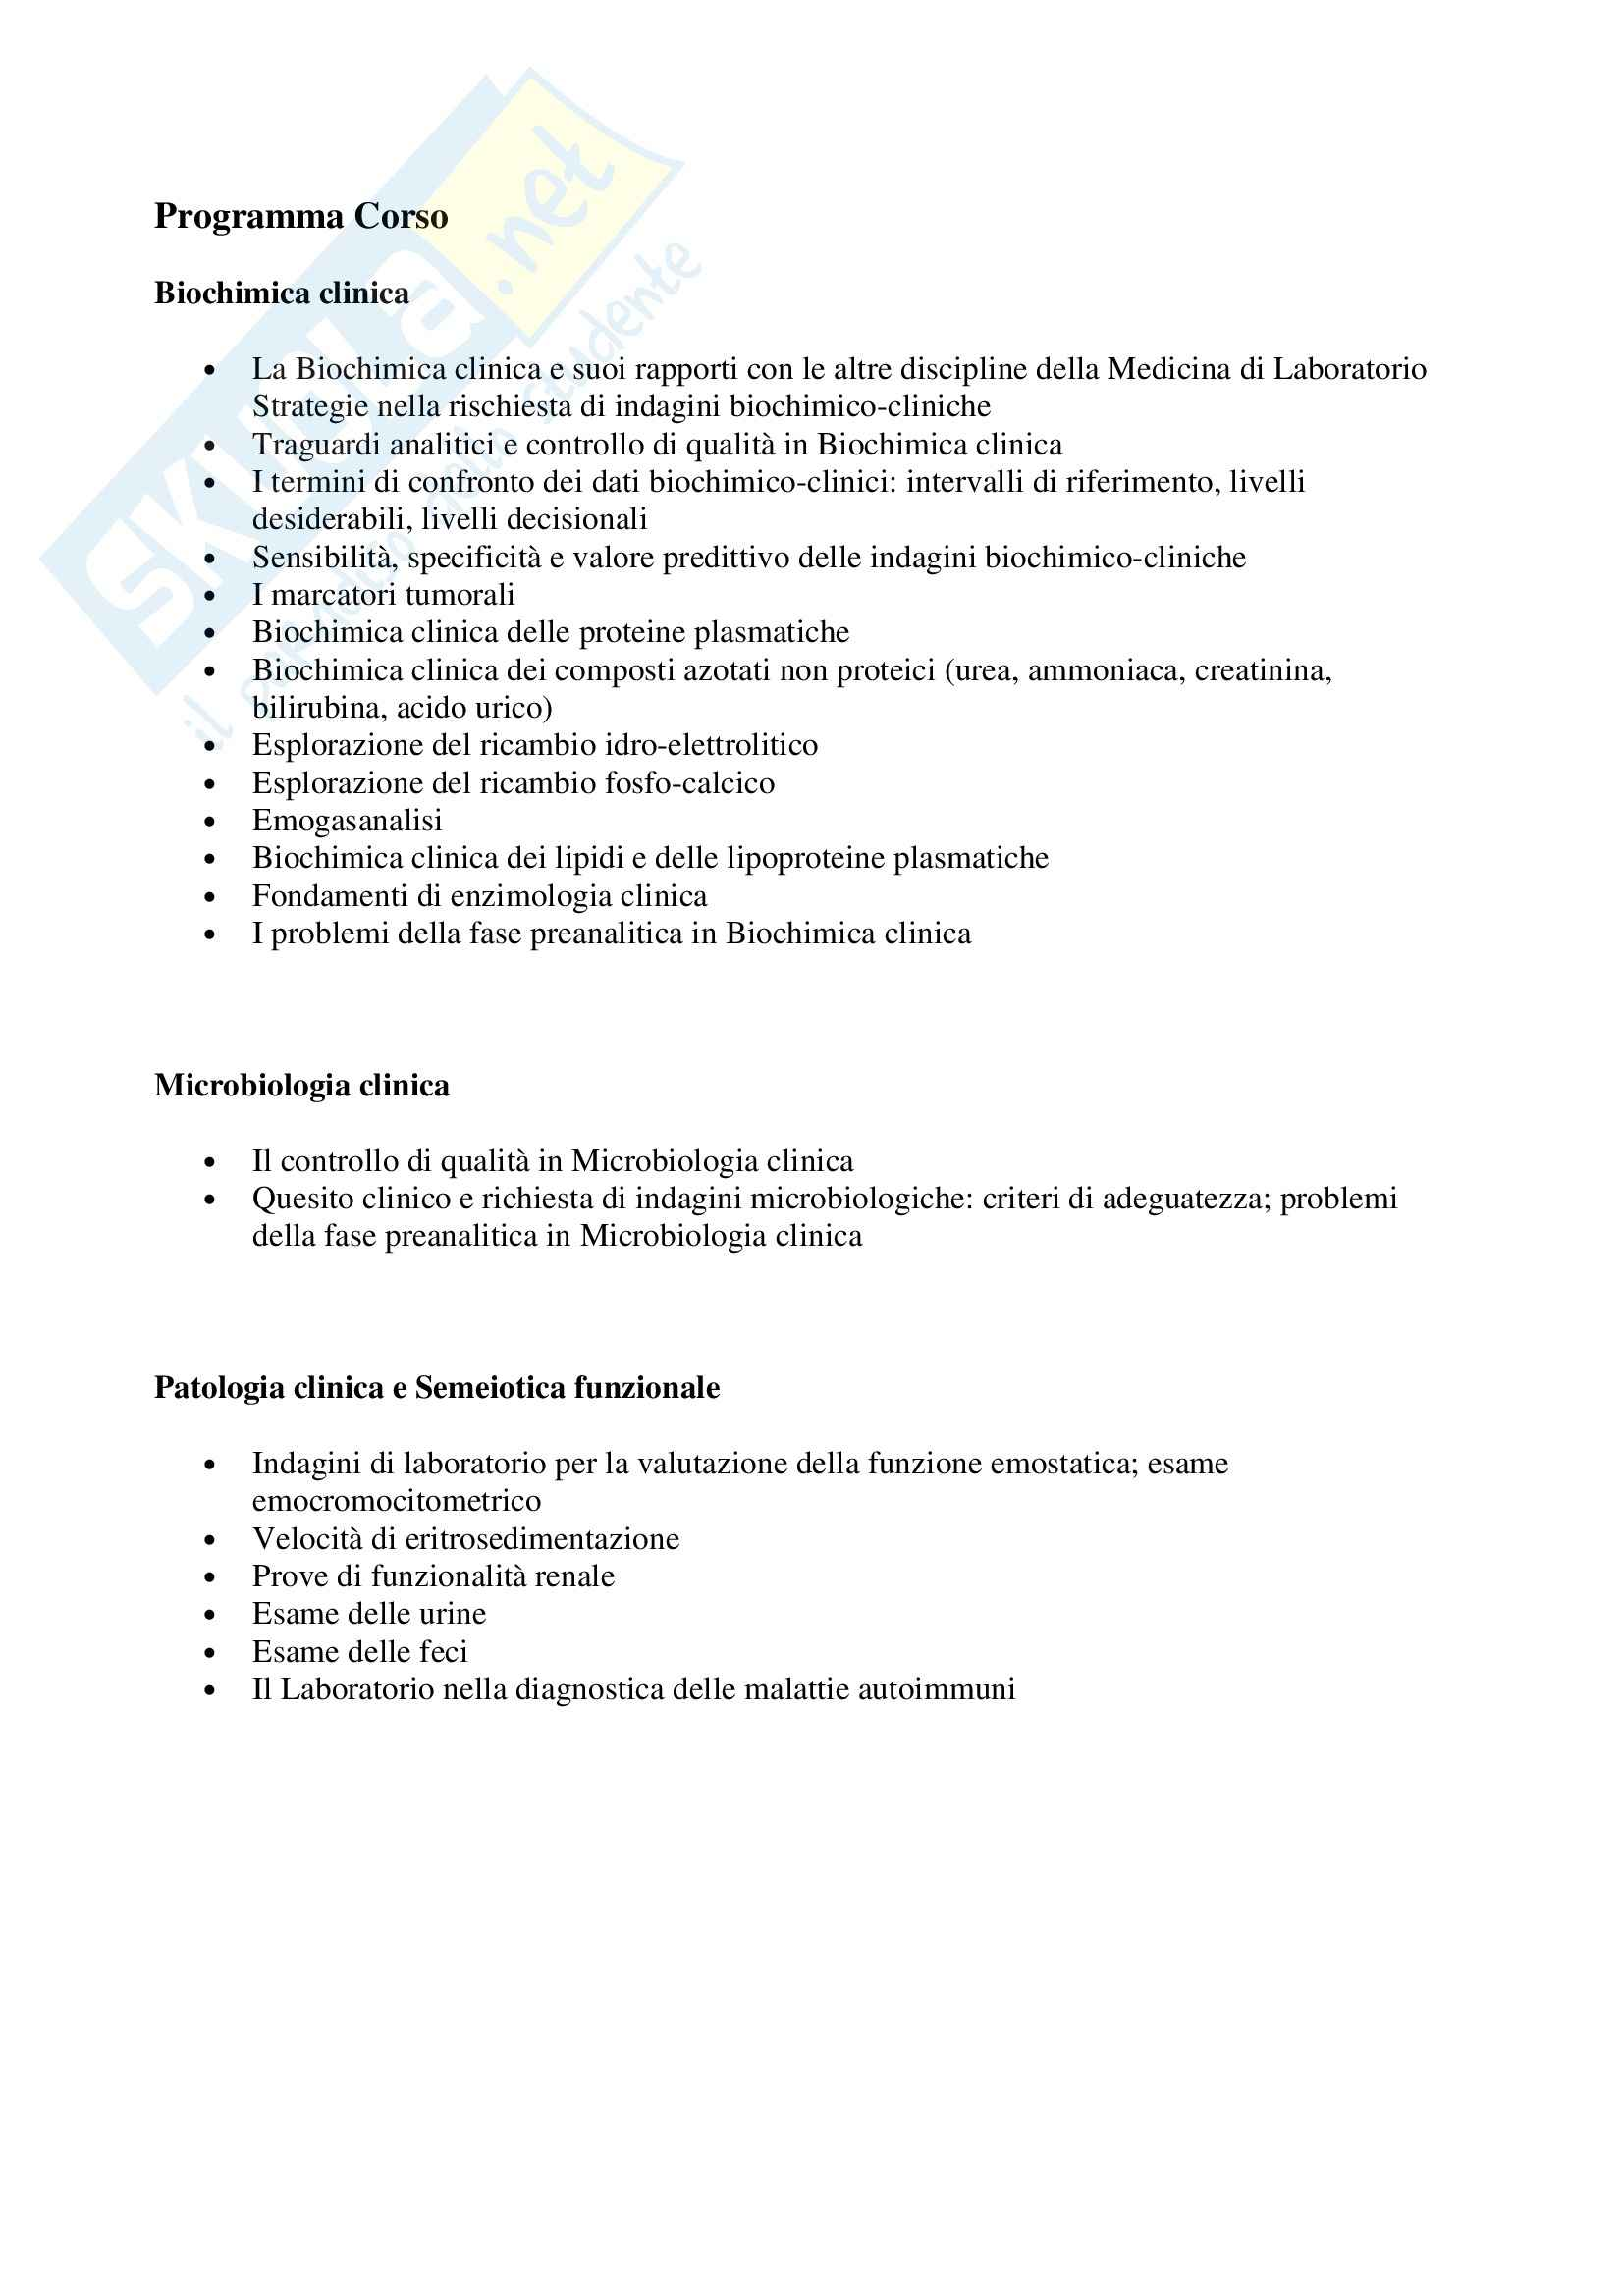 Metodologia Clinica - Programma